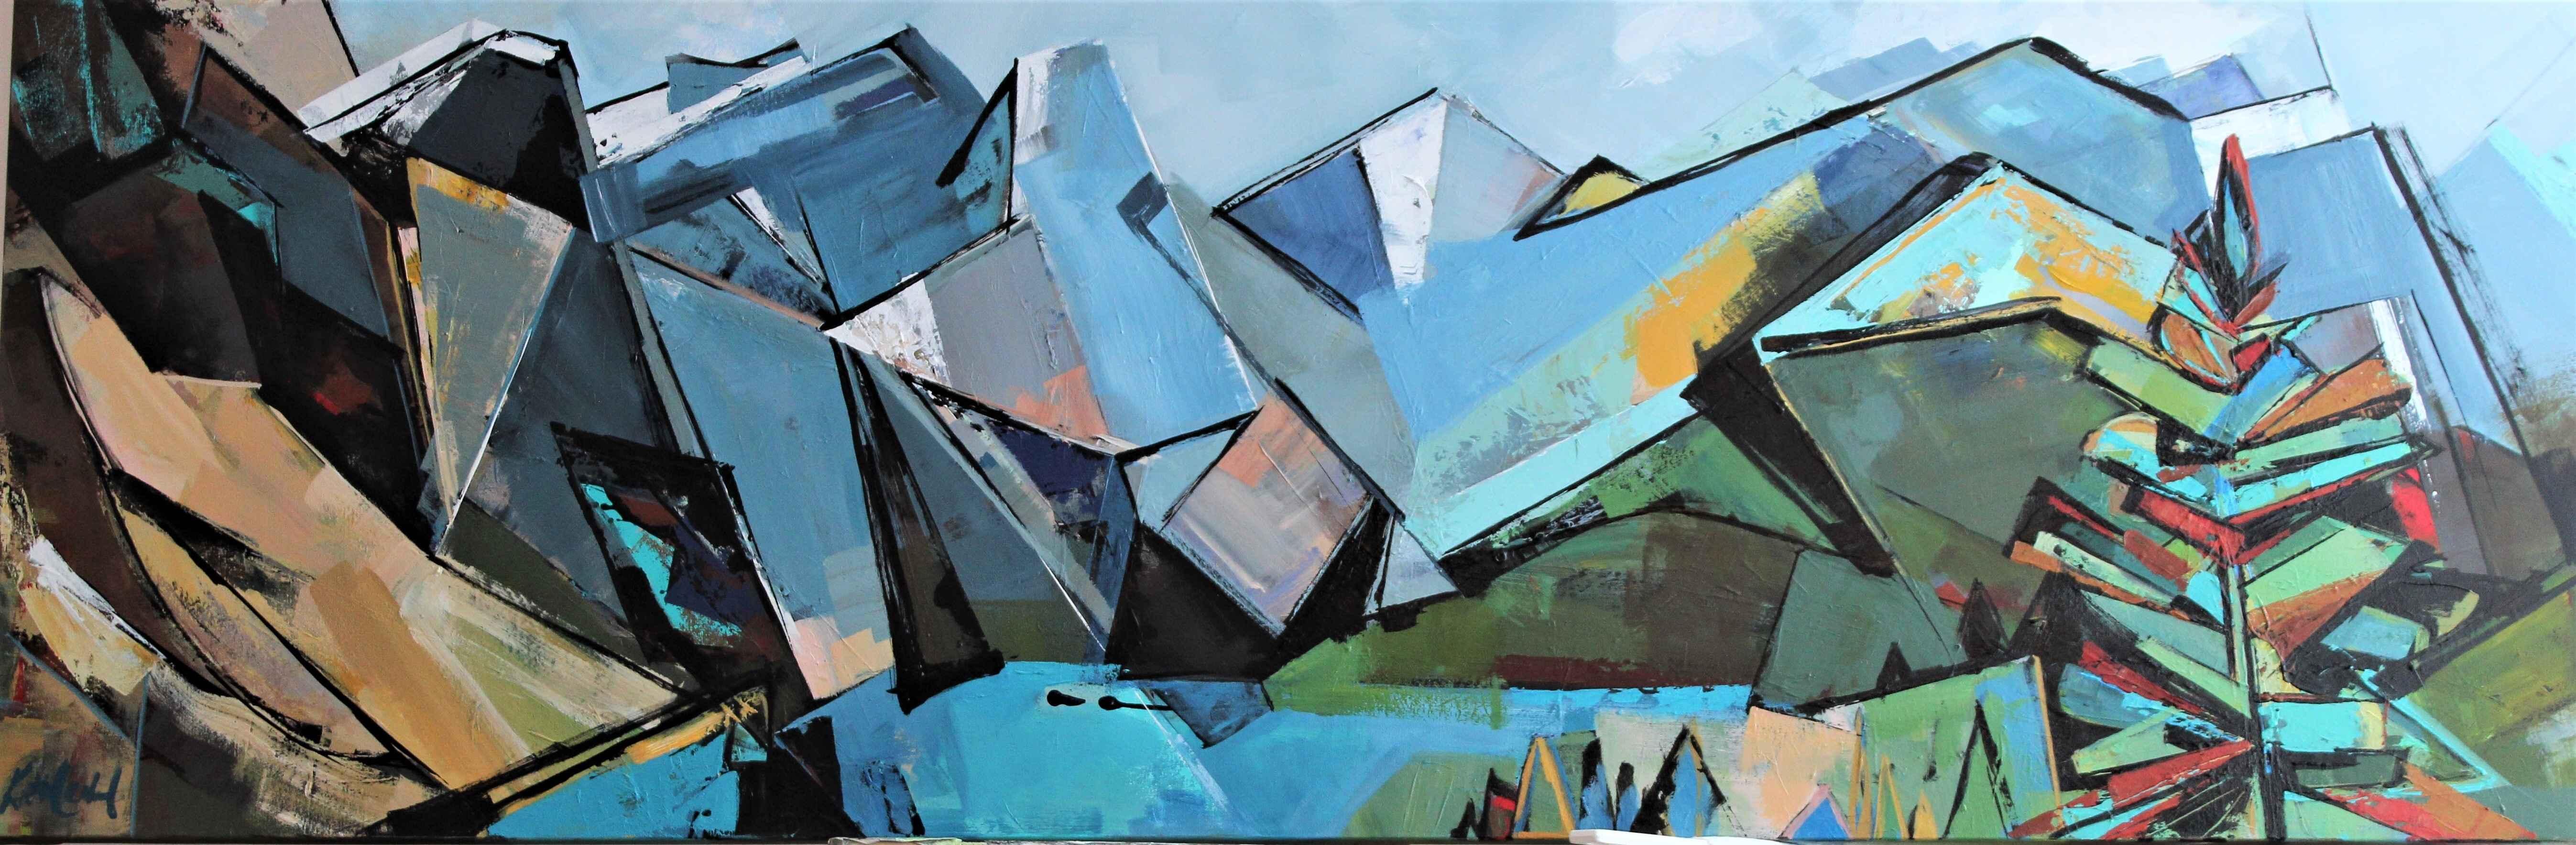 Valley of Ten Peaks by  Katie Leahul - Masterpiece Online